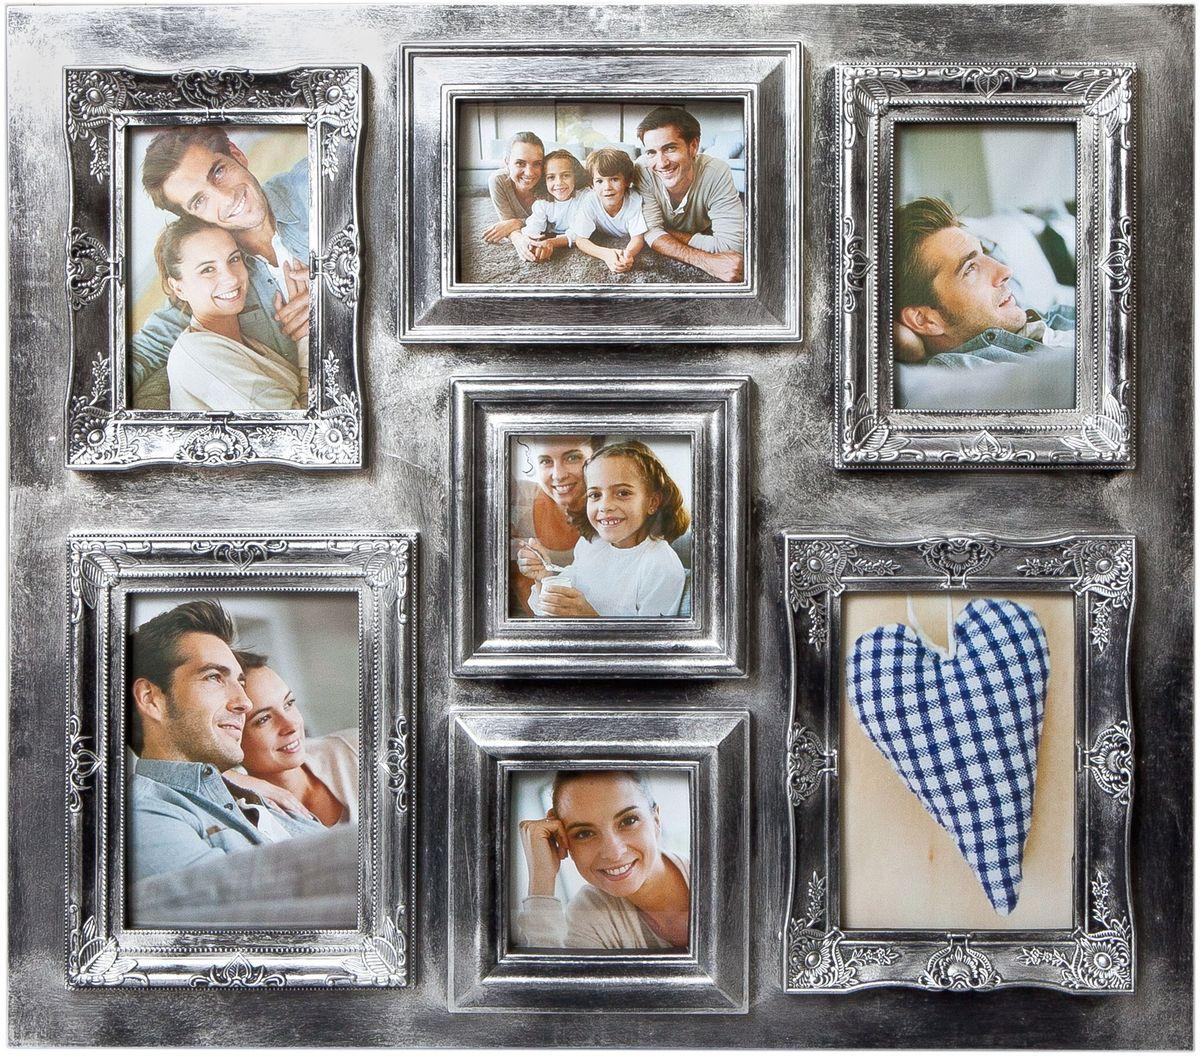 Фоторамка Platinum, цвет: серебристый, на 7 фотоPLATINUM BIN-112137 Серебряный (Silver)Фоторамка Platinum - прекрасный способ красиво оформить ваши фотографии. Фоторамка выполнена из пластика и защищена стеклом. Фоторамка-коллаж оригинального дизайна представляет собой фоторамку на семь фото разного размера. Такая фоторамка поможет сохранить в памяти самые яркие моменты вашей жизни, а стильный дизайн сделает ее прекрасным дополнением интерьера комнаты.Фоторамка подходит для 5 фото 10 х 15 см и 2 фото 10 х 10 см.Общий размер фоторамки: 58 х 51 см.